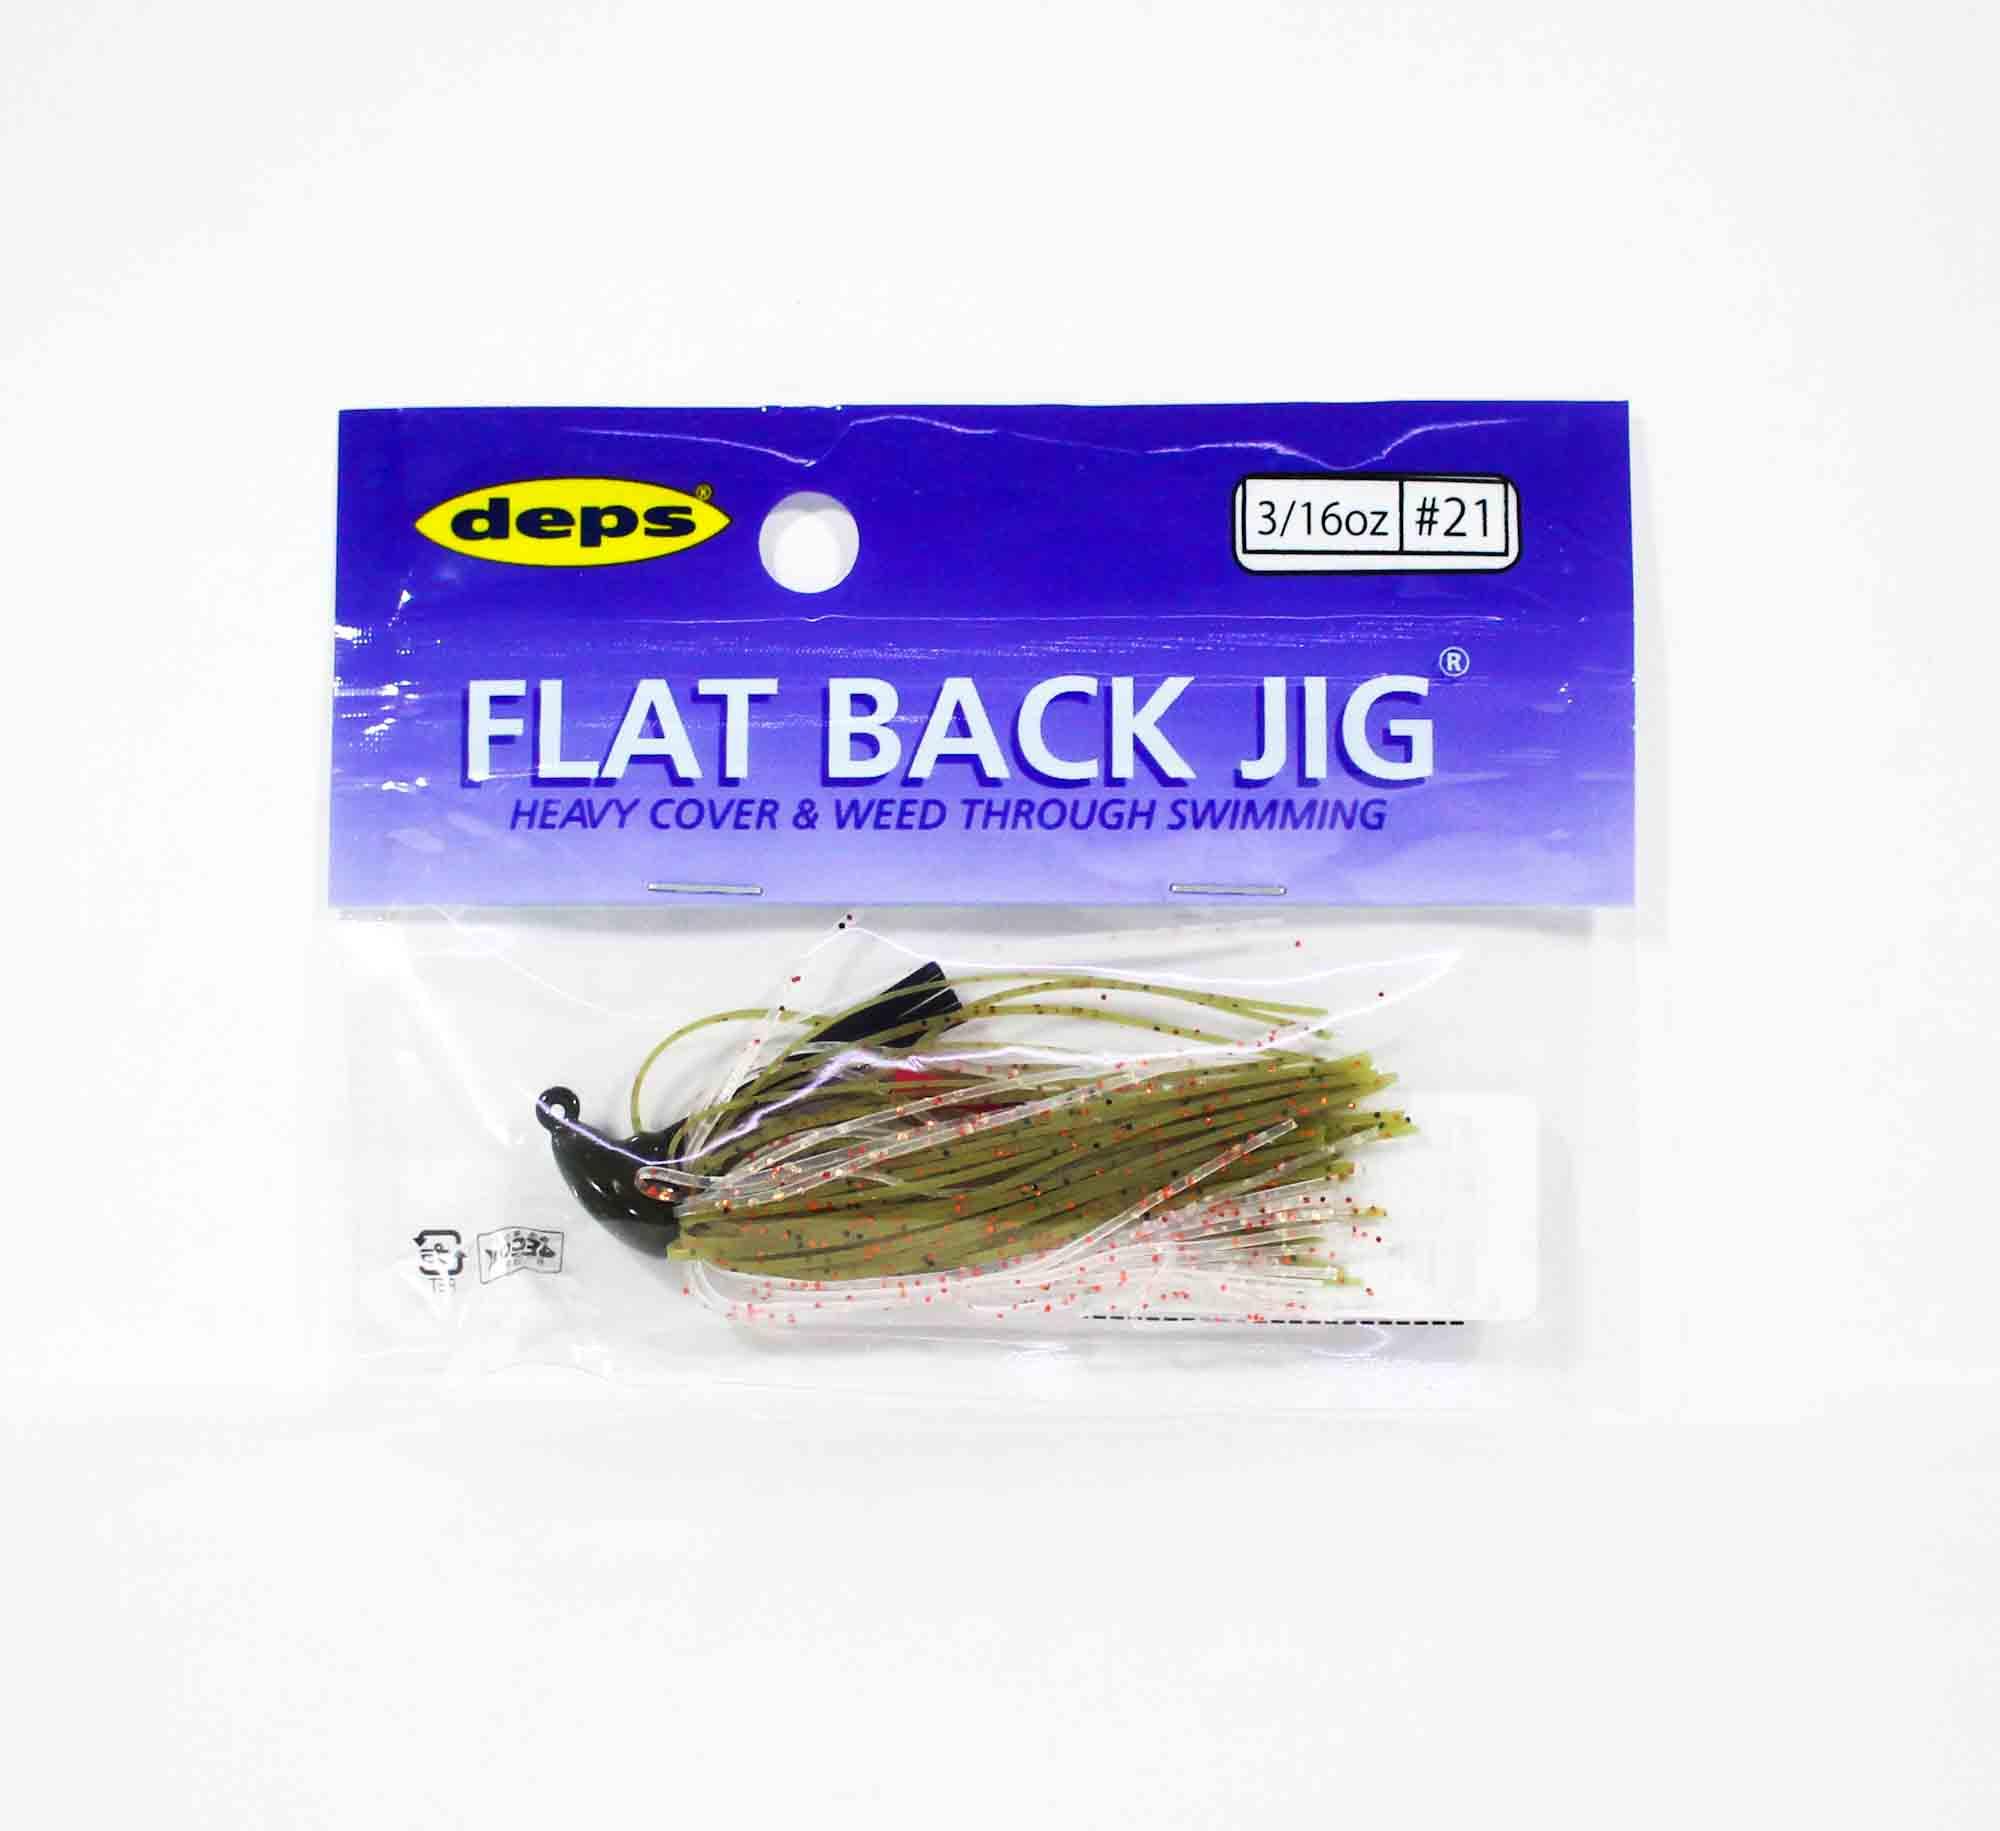 Deps Flat Back Jig Rubber 3/16 oz 21 (5213)